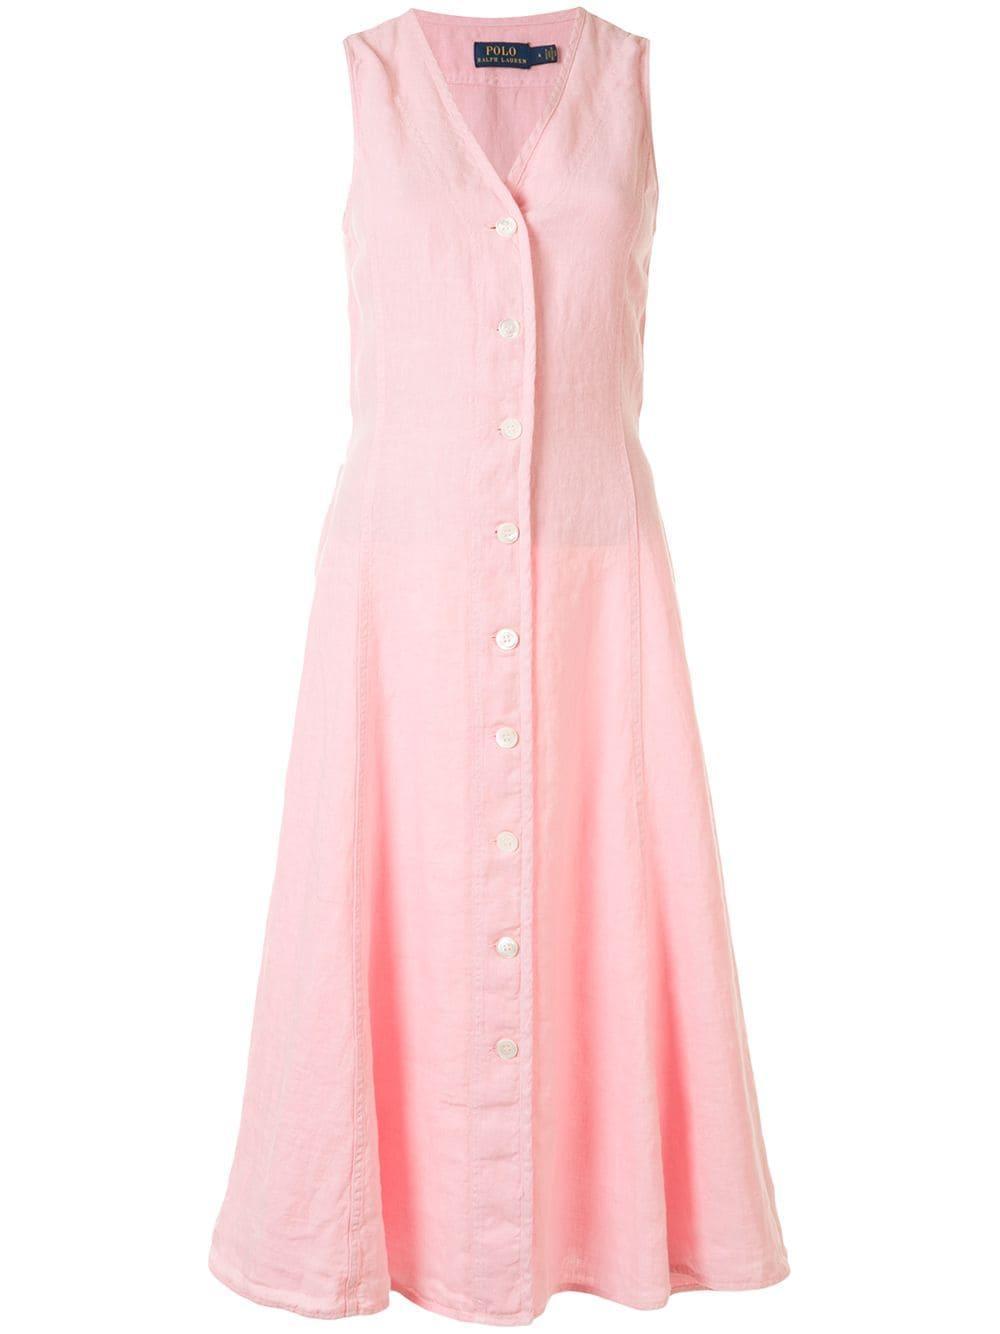 Meg Linen Dress Item # 211792983002